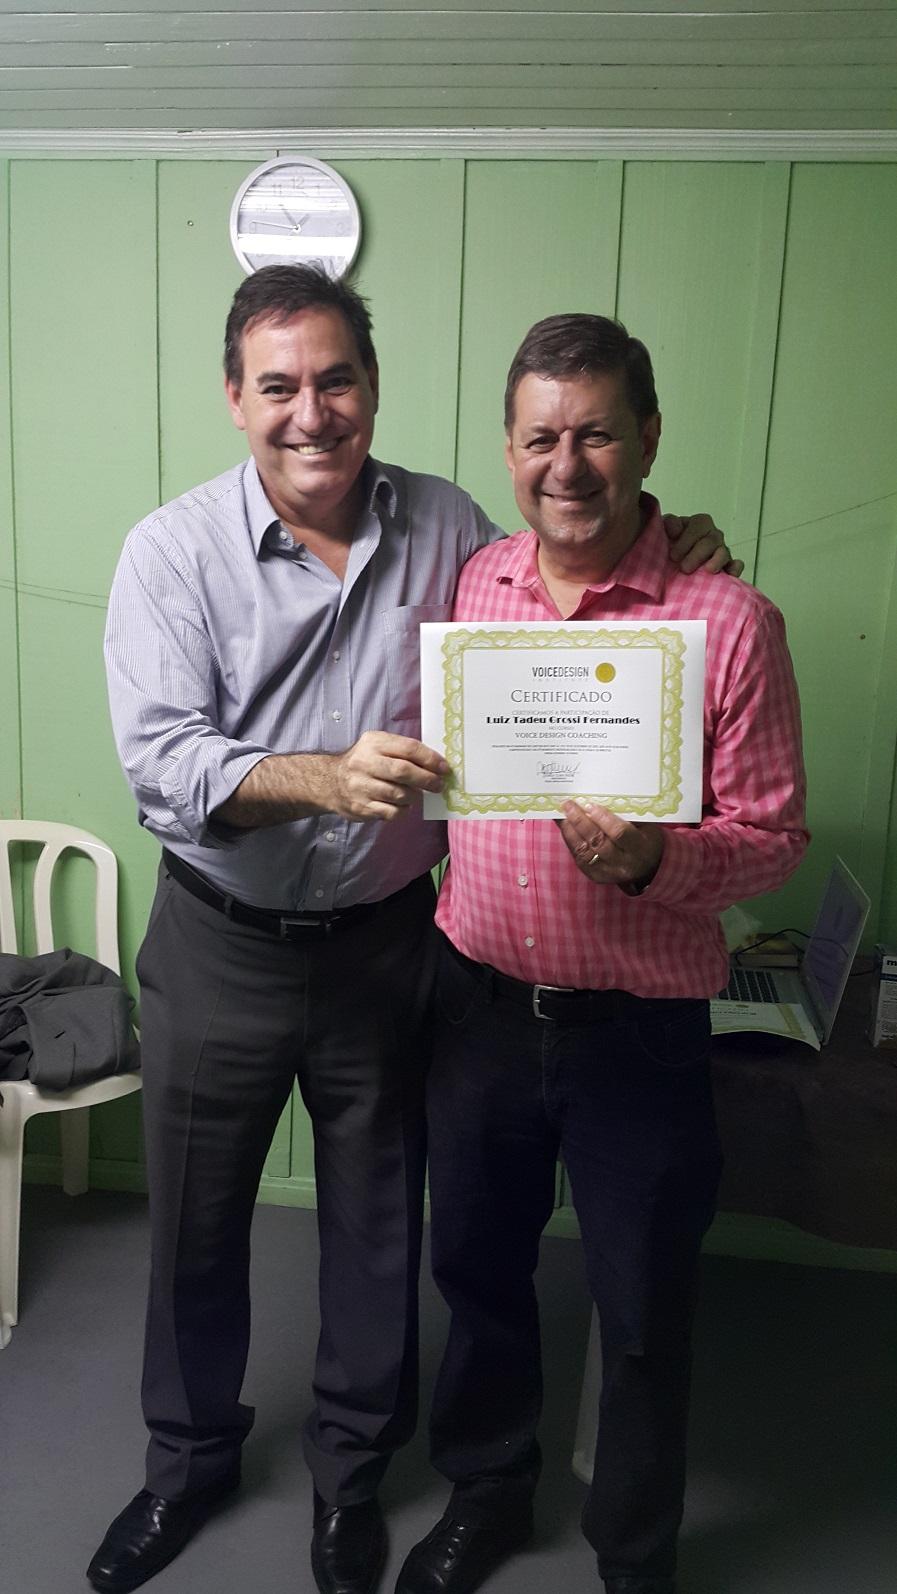 Entrega de Certificado do Curso Voice Design Coaching – Turma 02